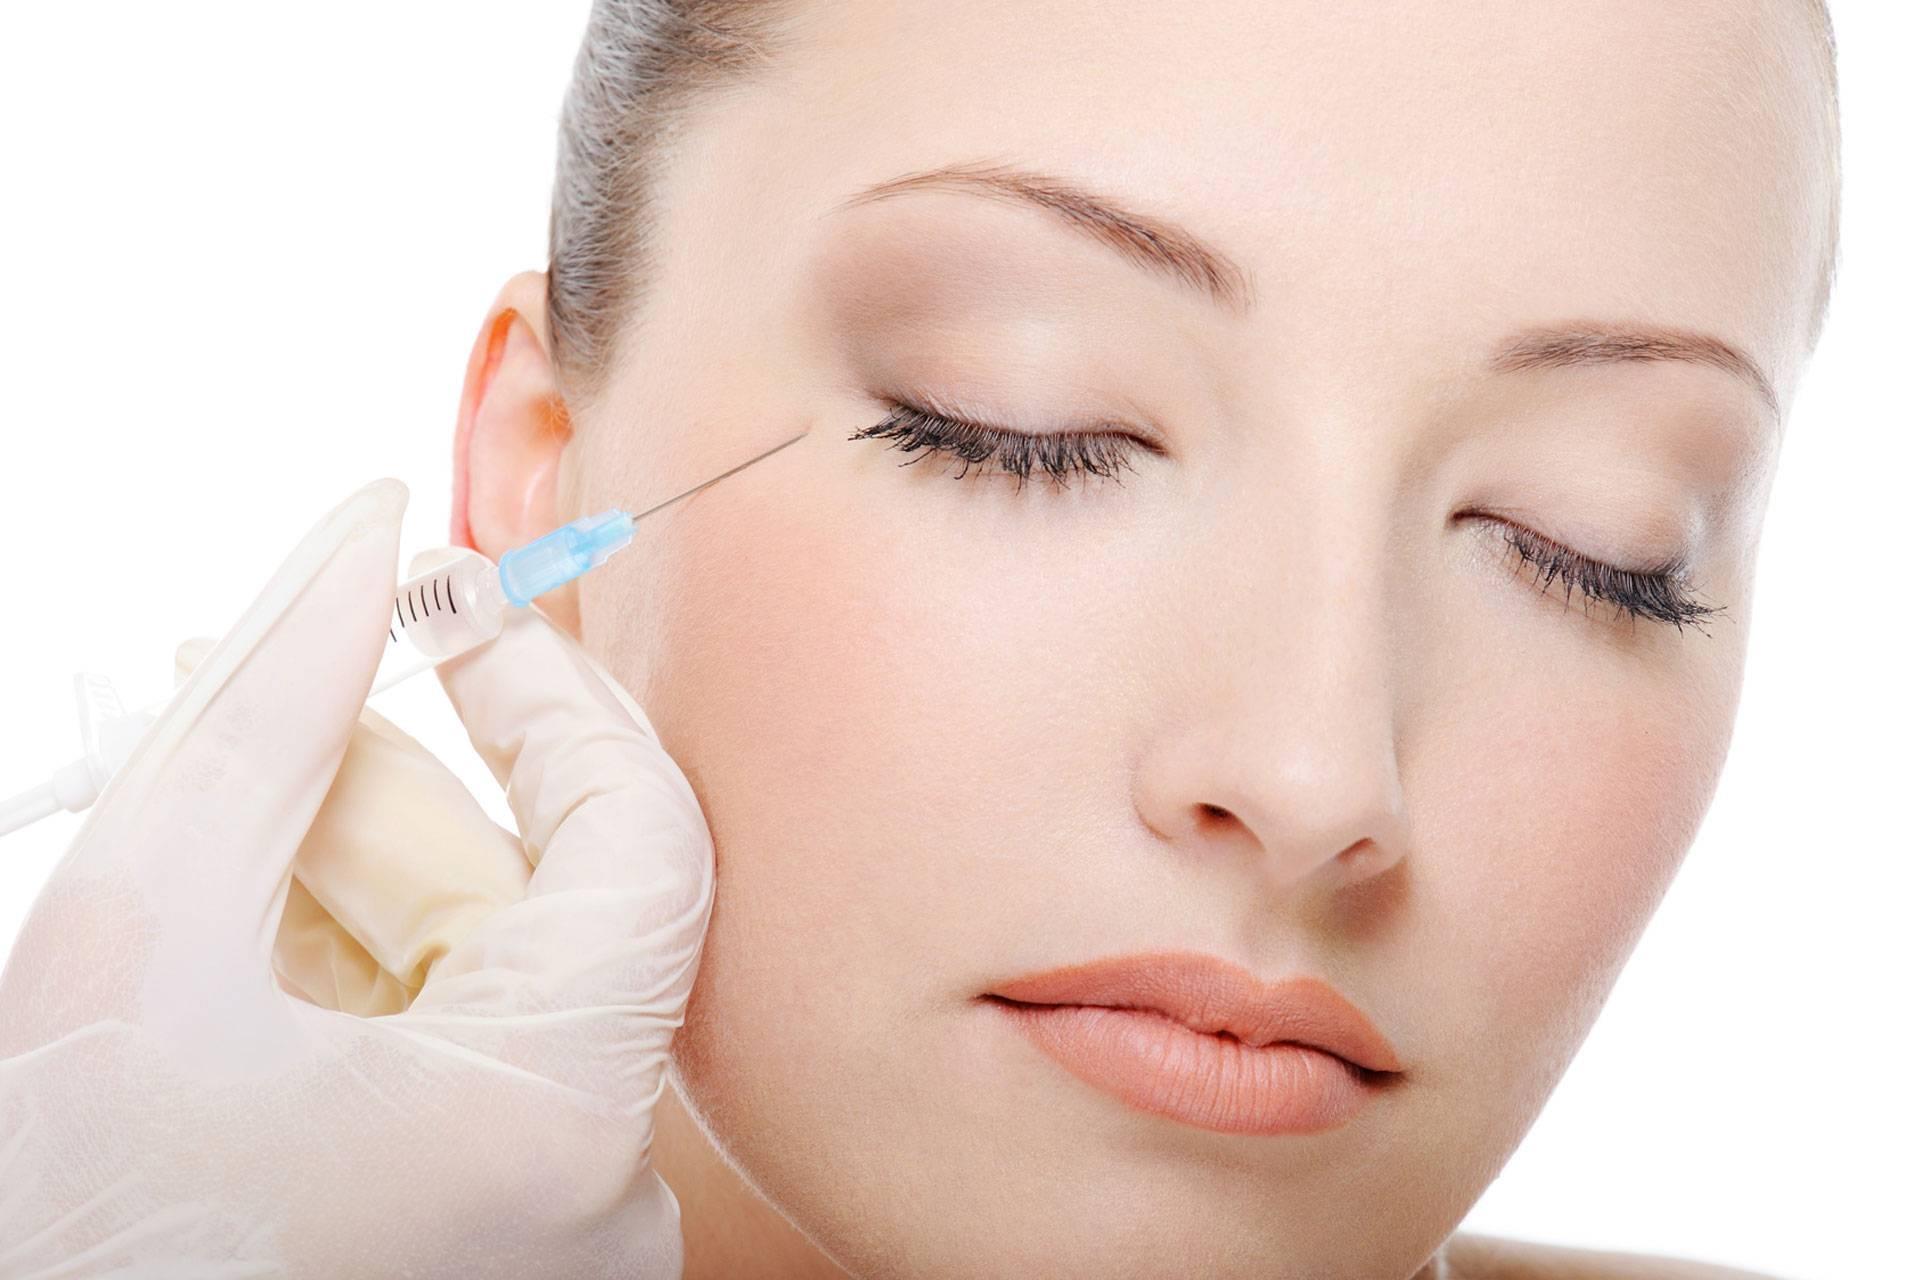 Лучшие омолаживающие процедуры для кожи вокруг глаз